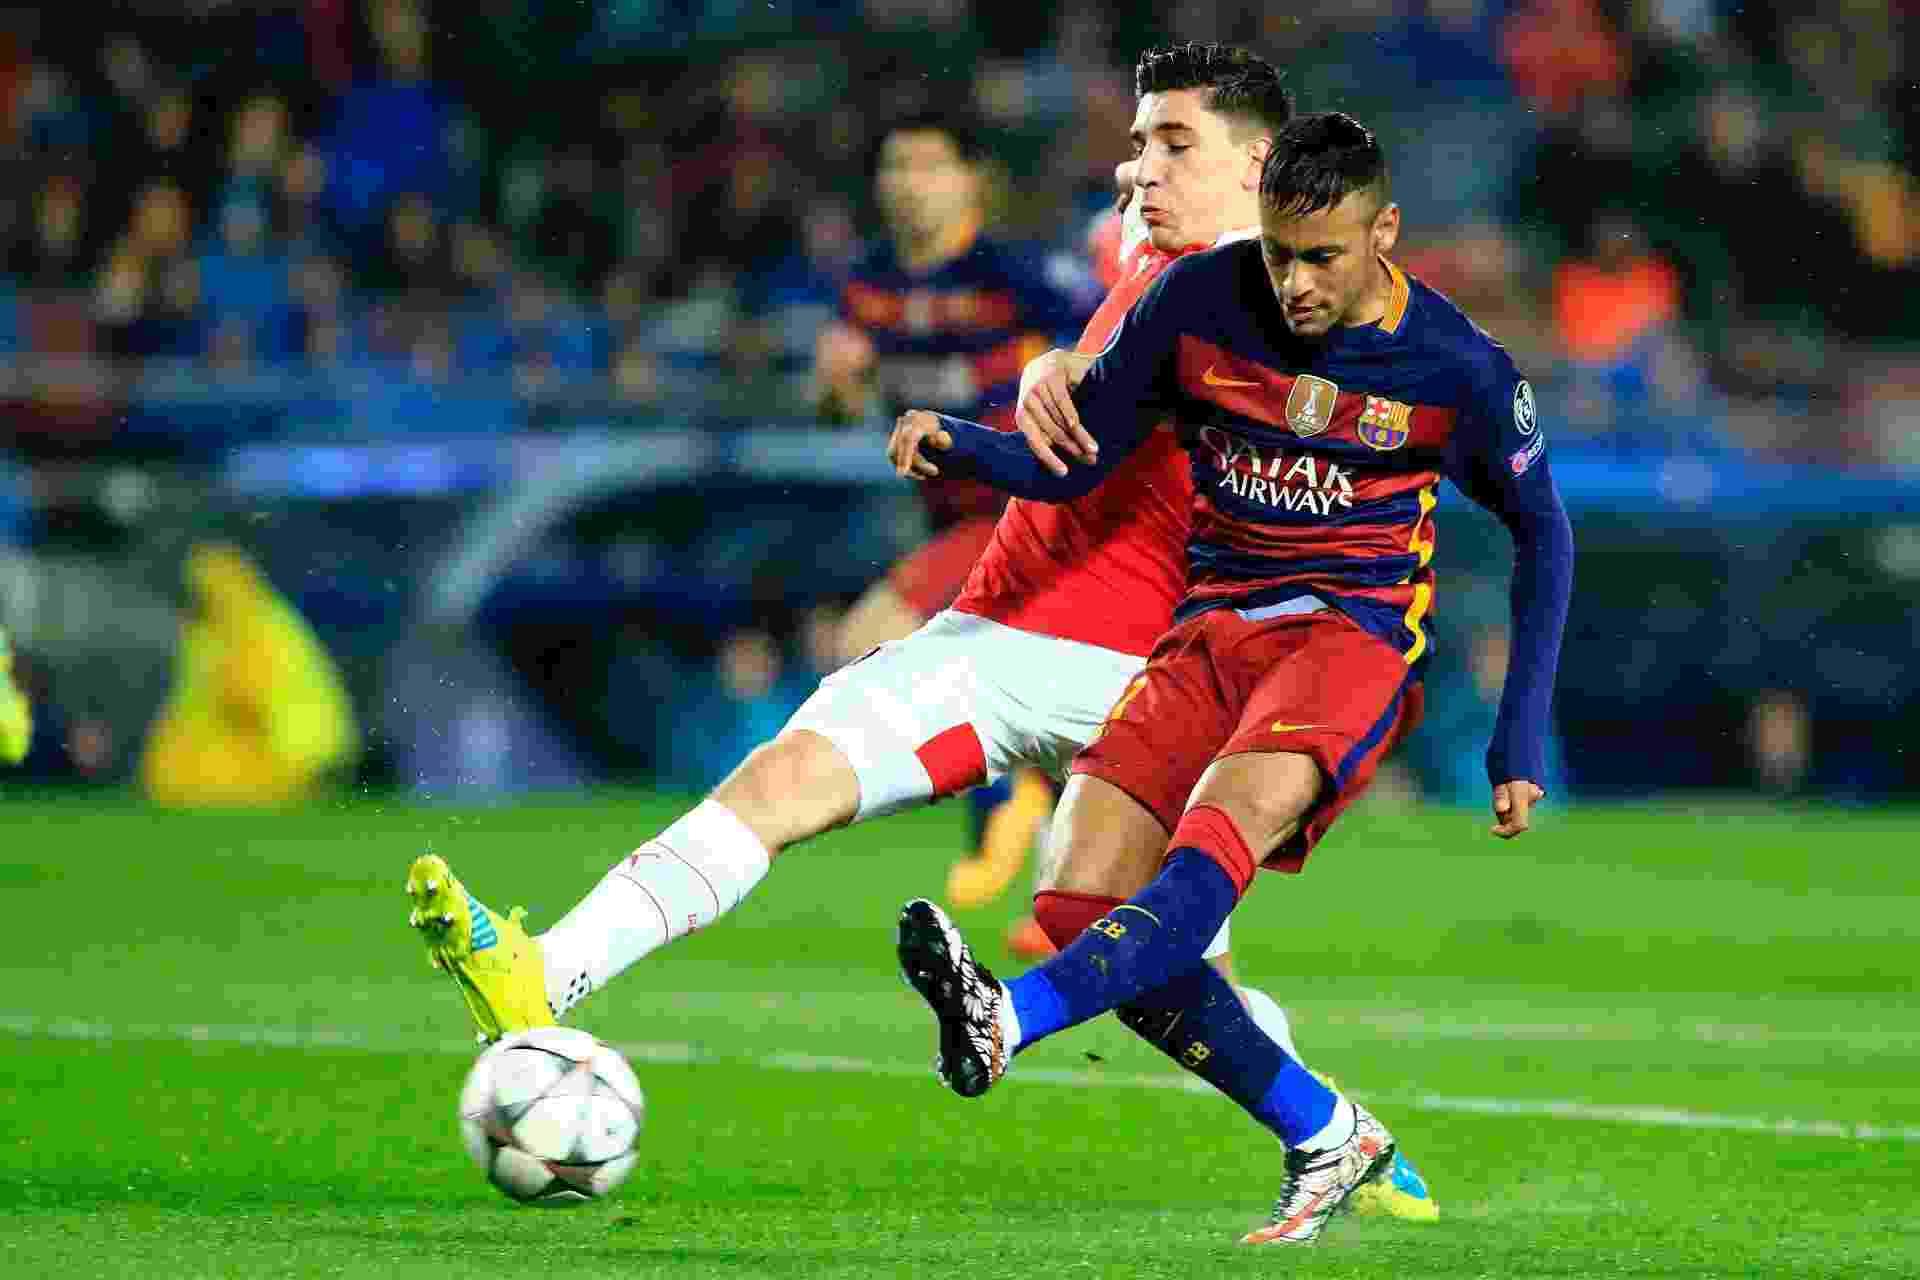 Neymar bate de esquerda para superar Ospina e marcar o primeiro gol do Barcelona contra o Arsenal pela Liga dos Campeões - Pau Barrena/AFP Photo